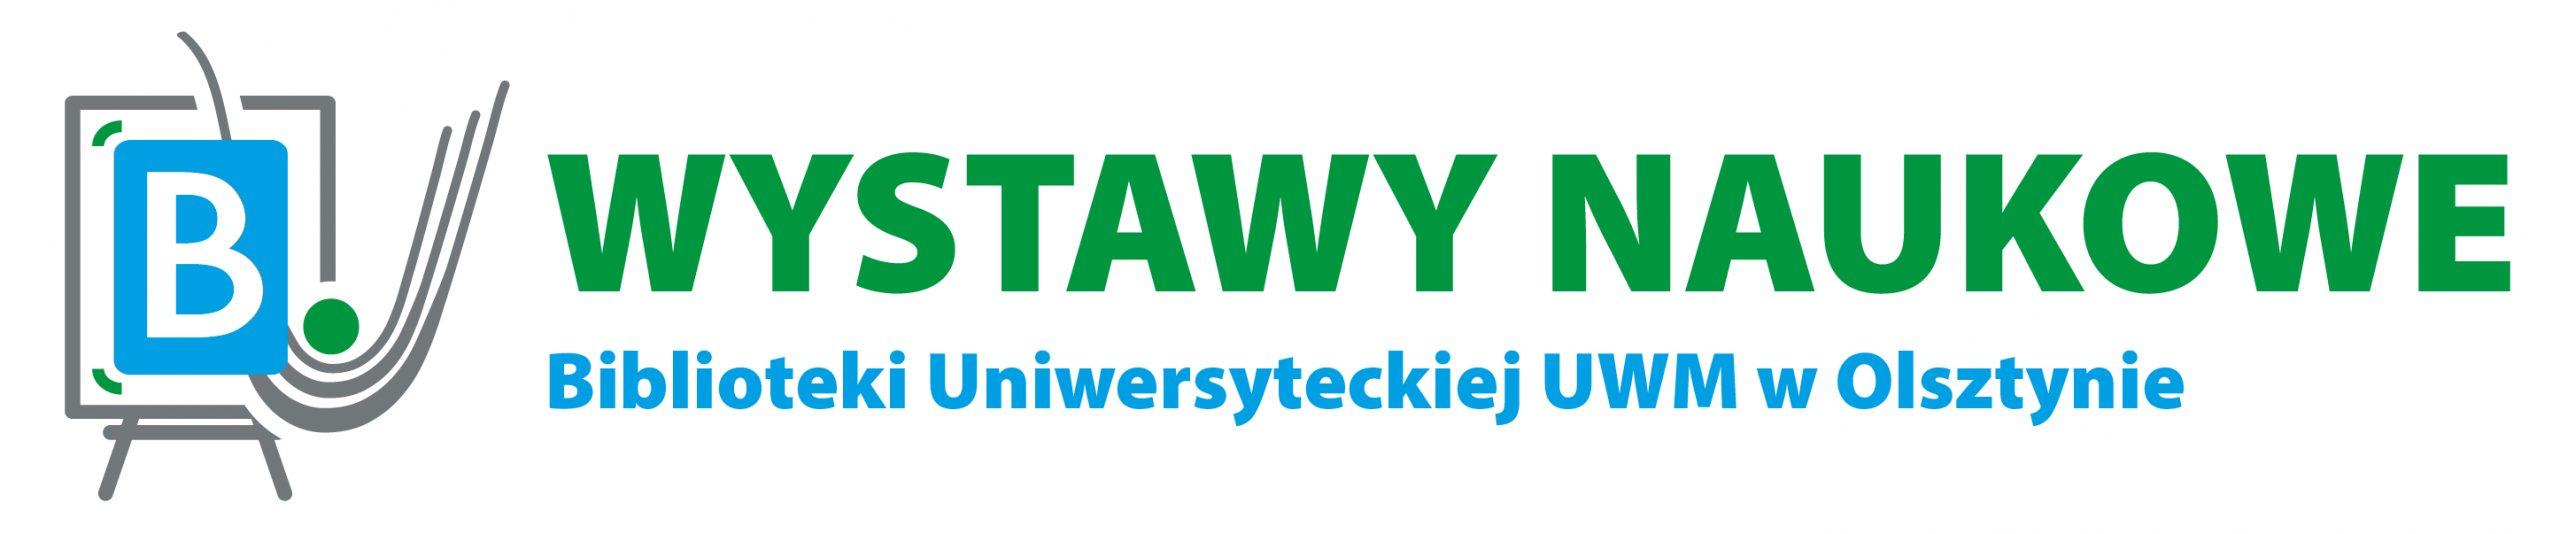 logo wystawy naukowe